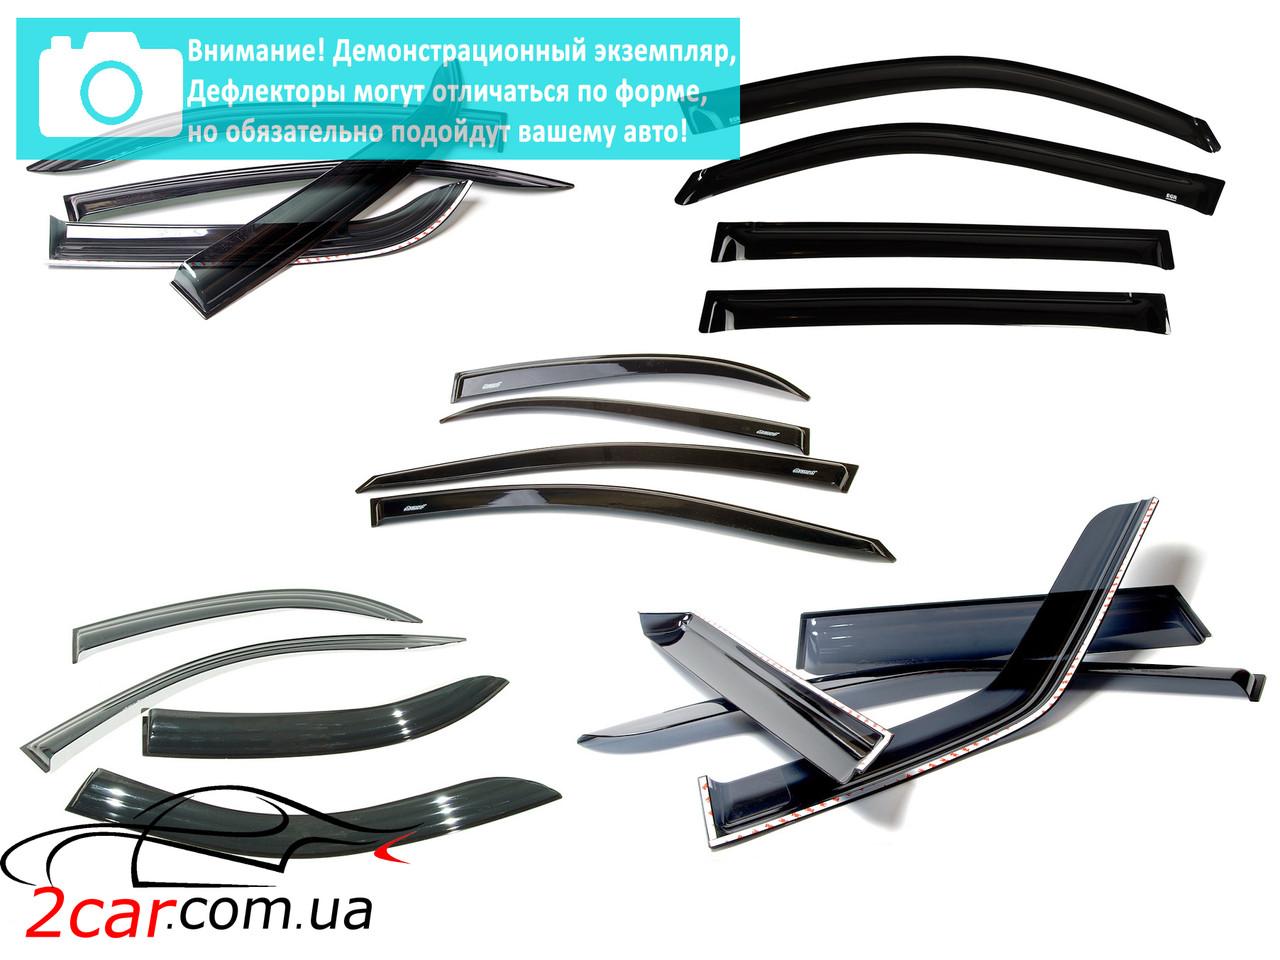 Дефлекторы окон для Ford Transit VI (2014>) (AutoPlex)